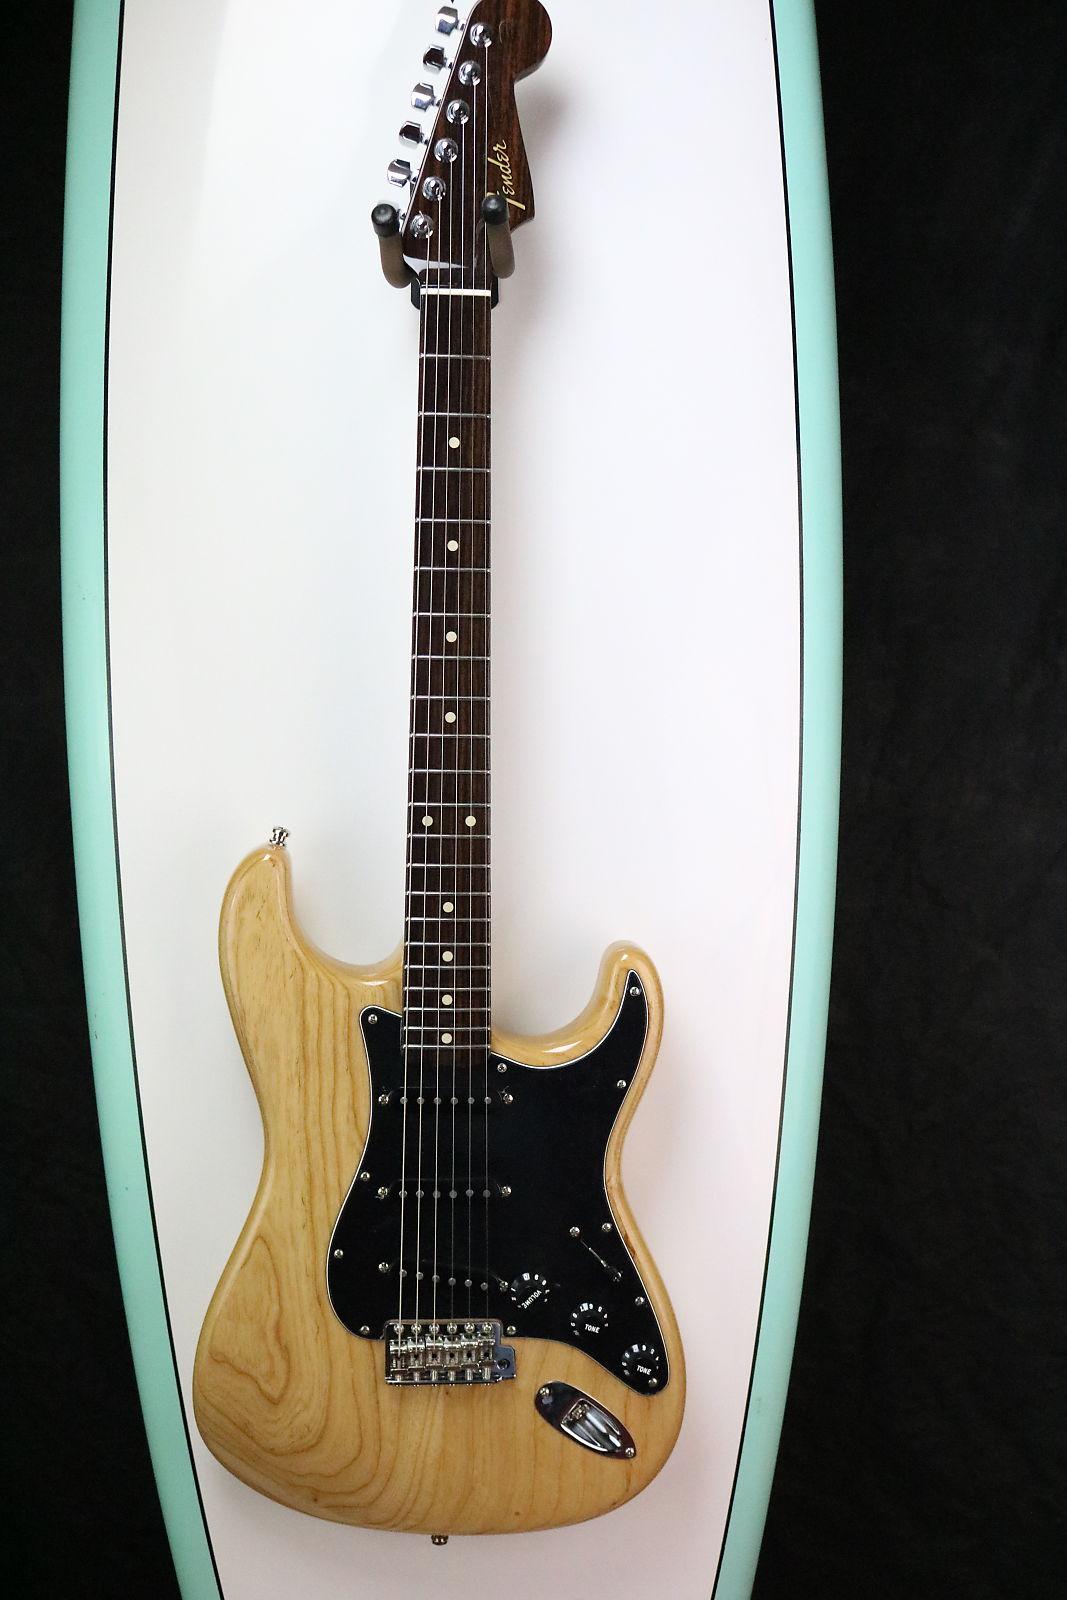 Fender Custom Shop Post Mod Strat Rosewood Neck 2017 Natural